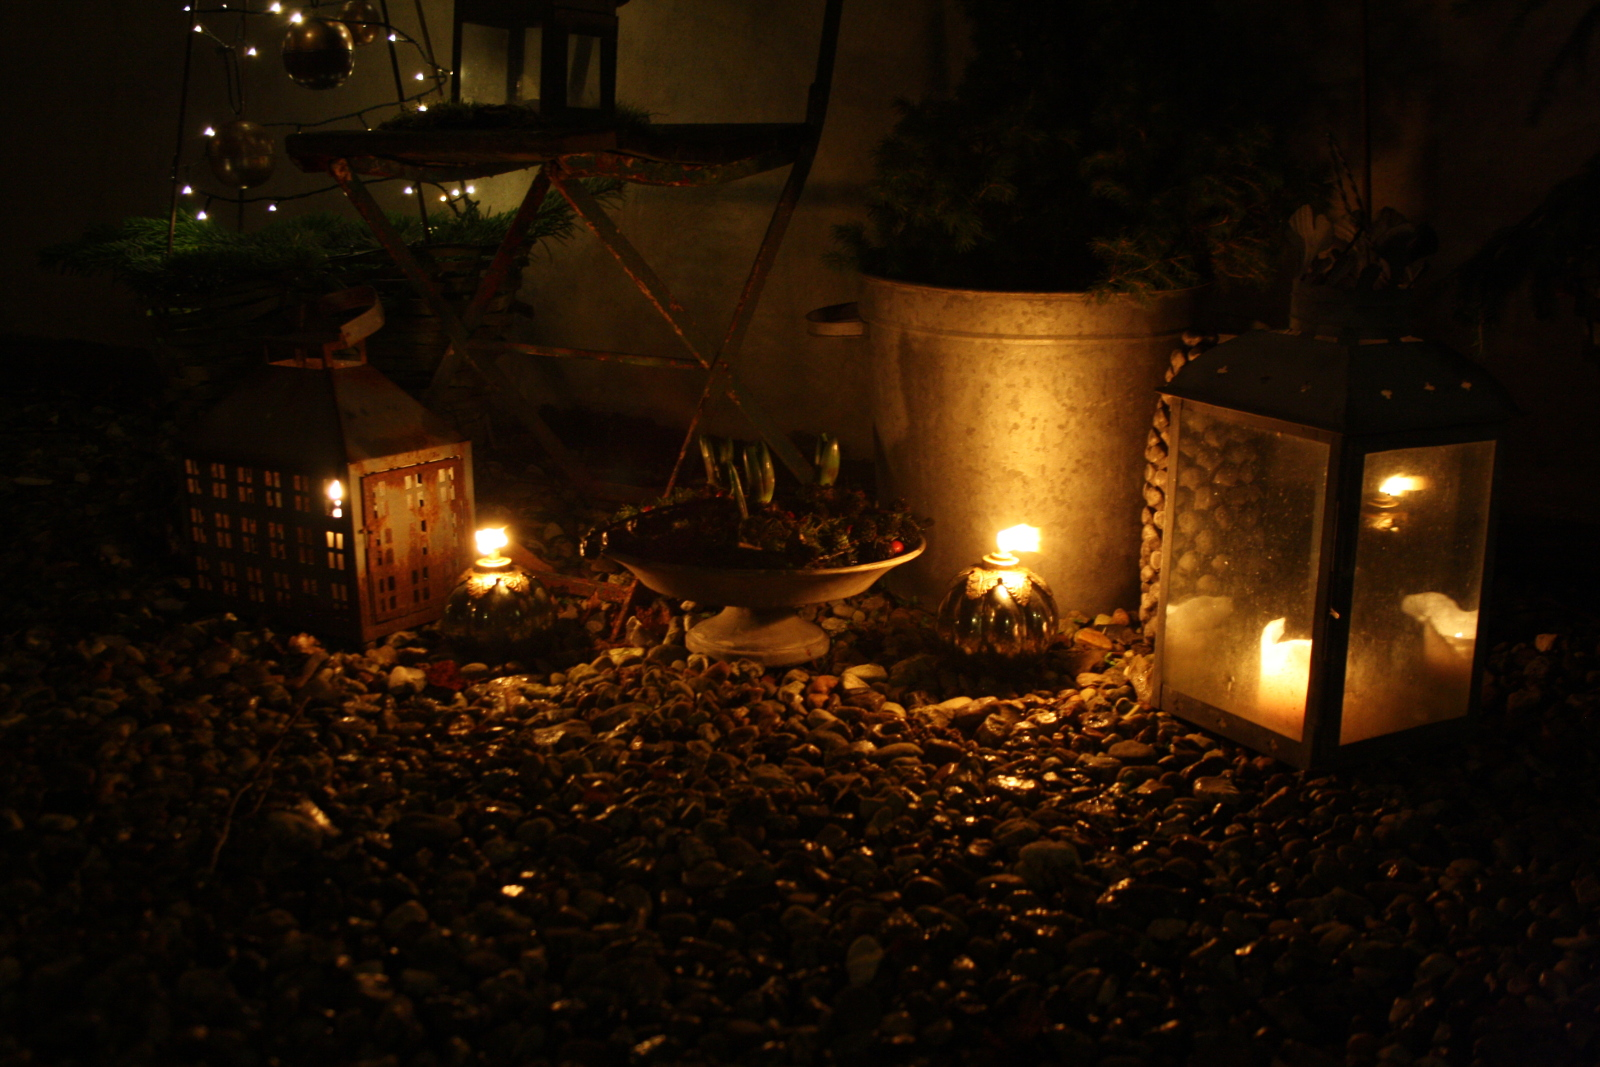 Lanterner og olielamper